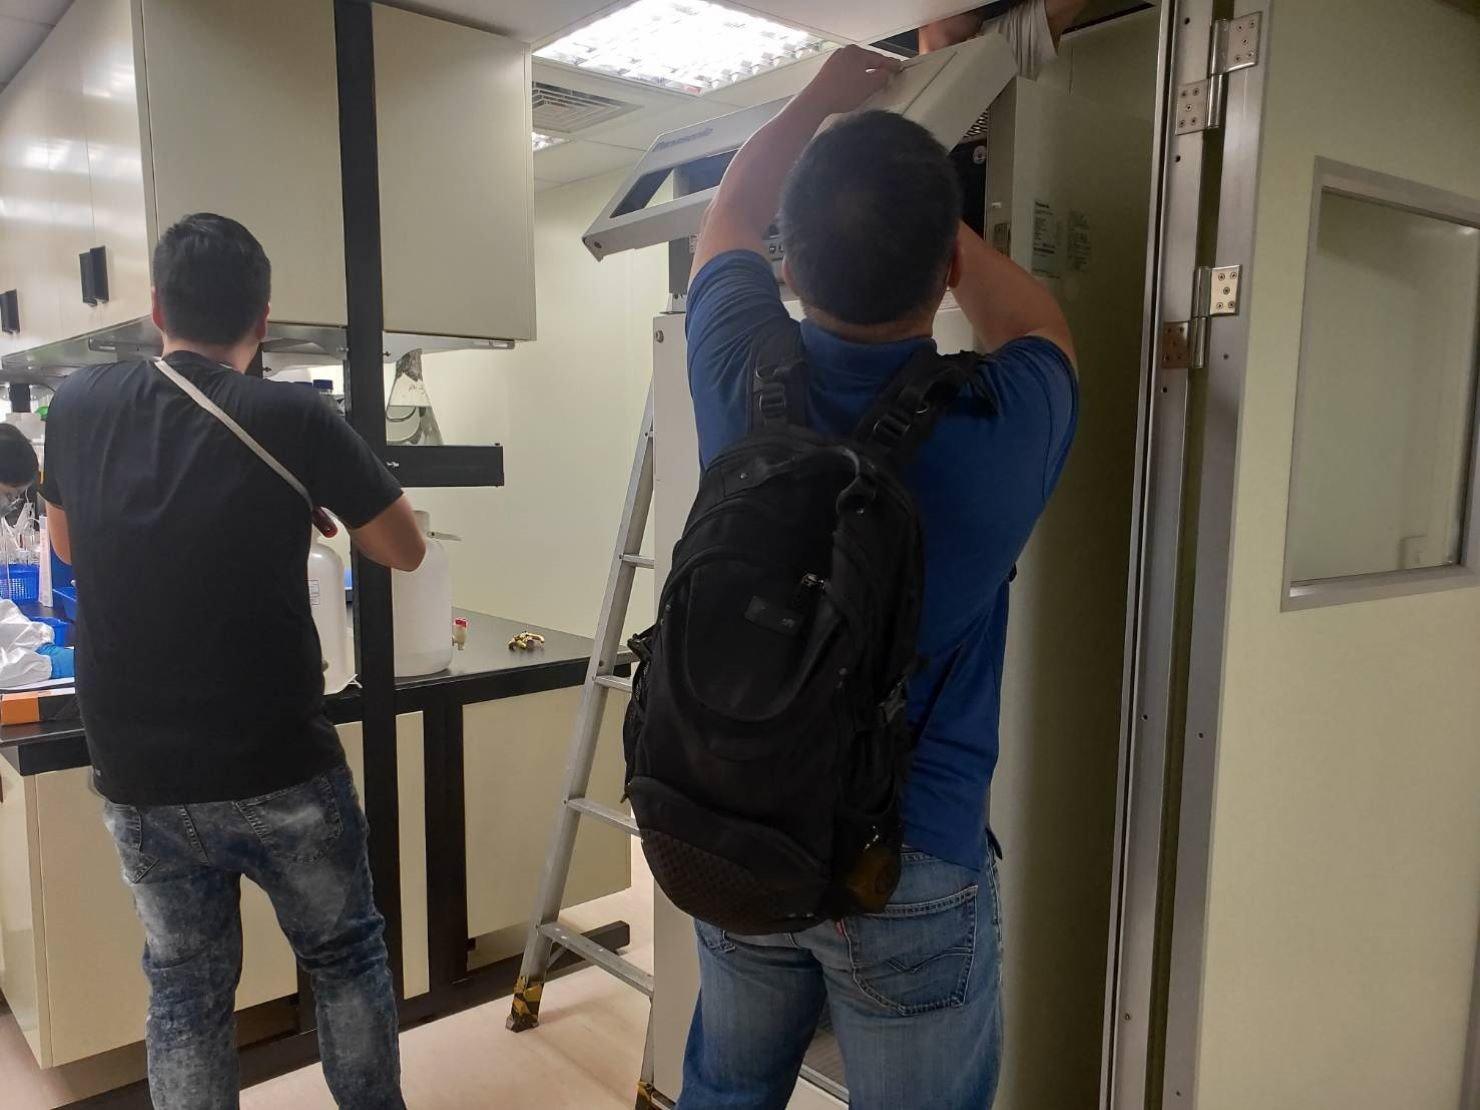 搬家公司【榮福搬家公司】搬冰箱、搬重物值得您的信賴與選擇:包裝搬運前確認冰箱裏頭是否清空、電源關閉、插頭移除。